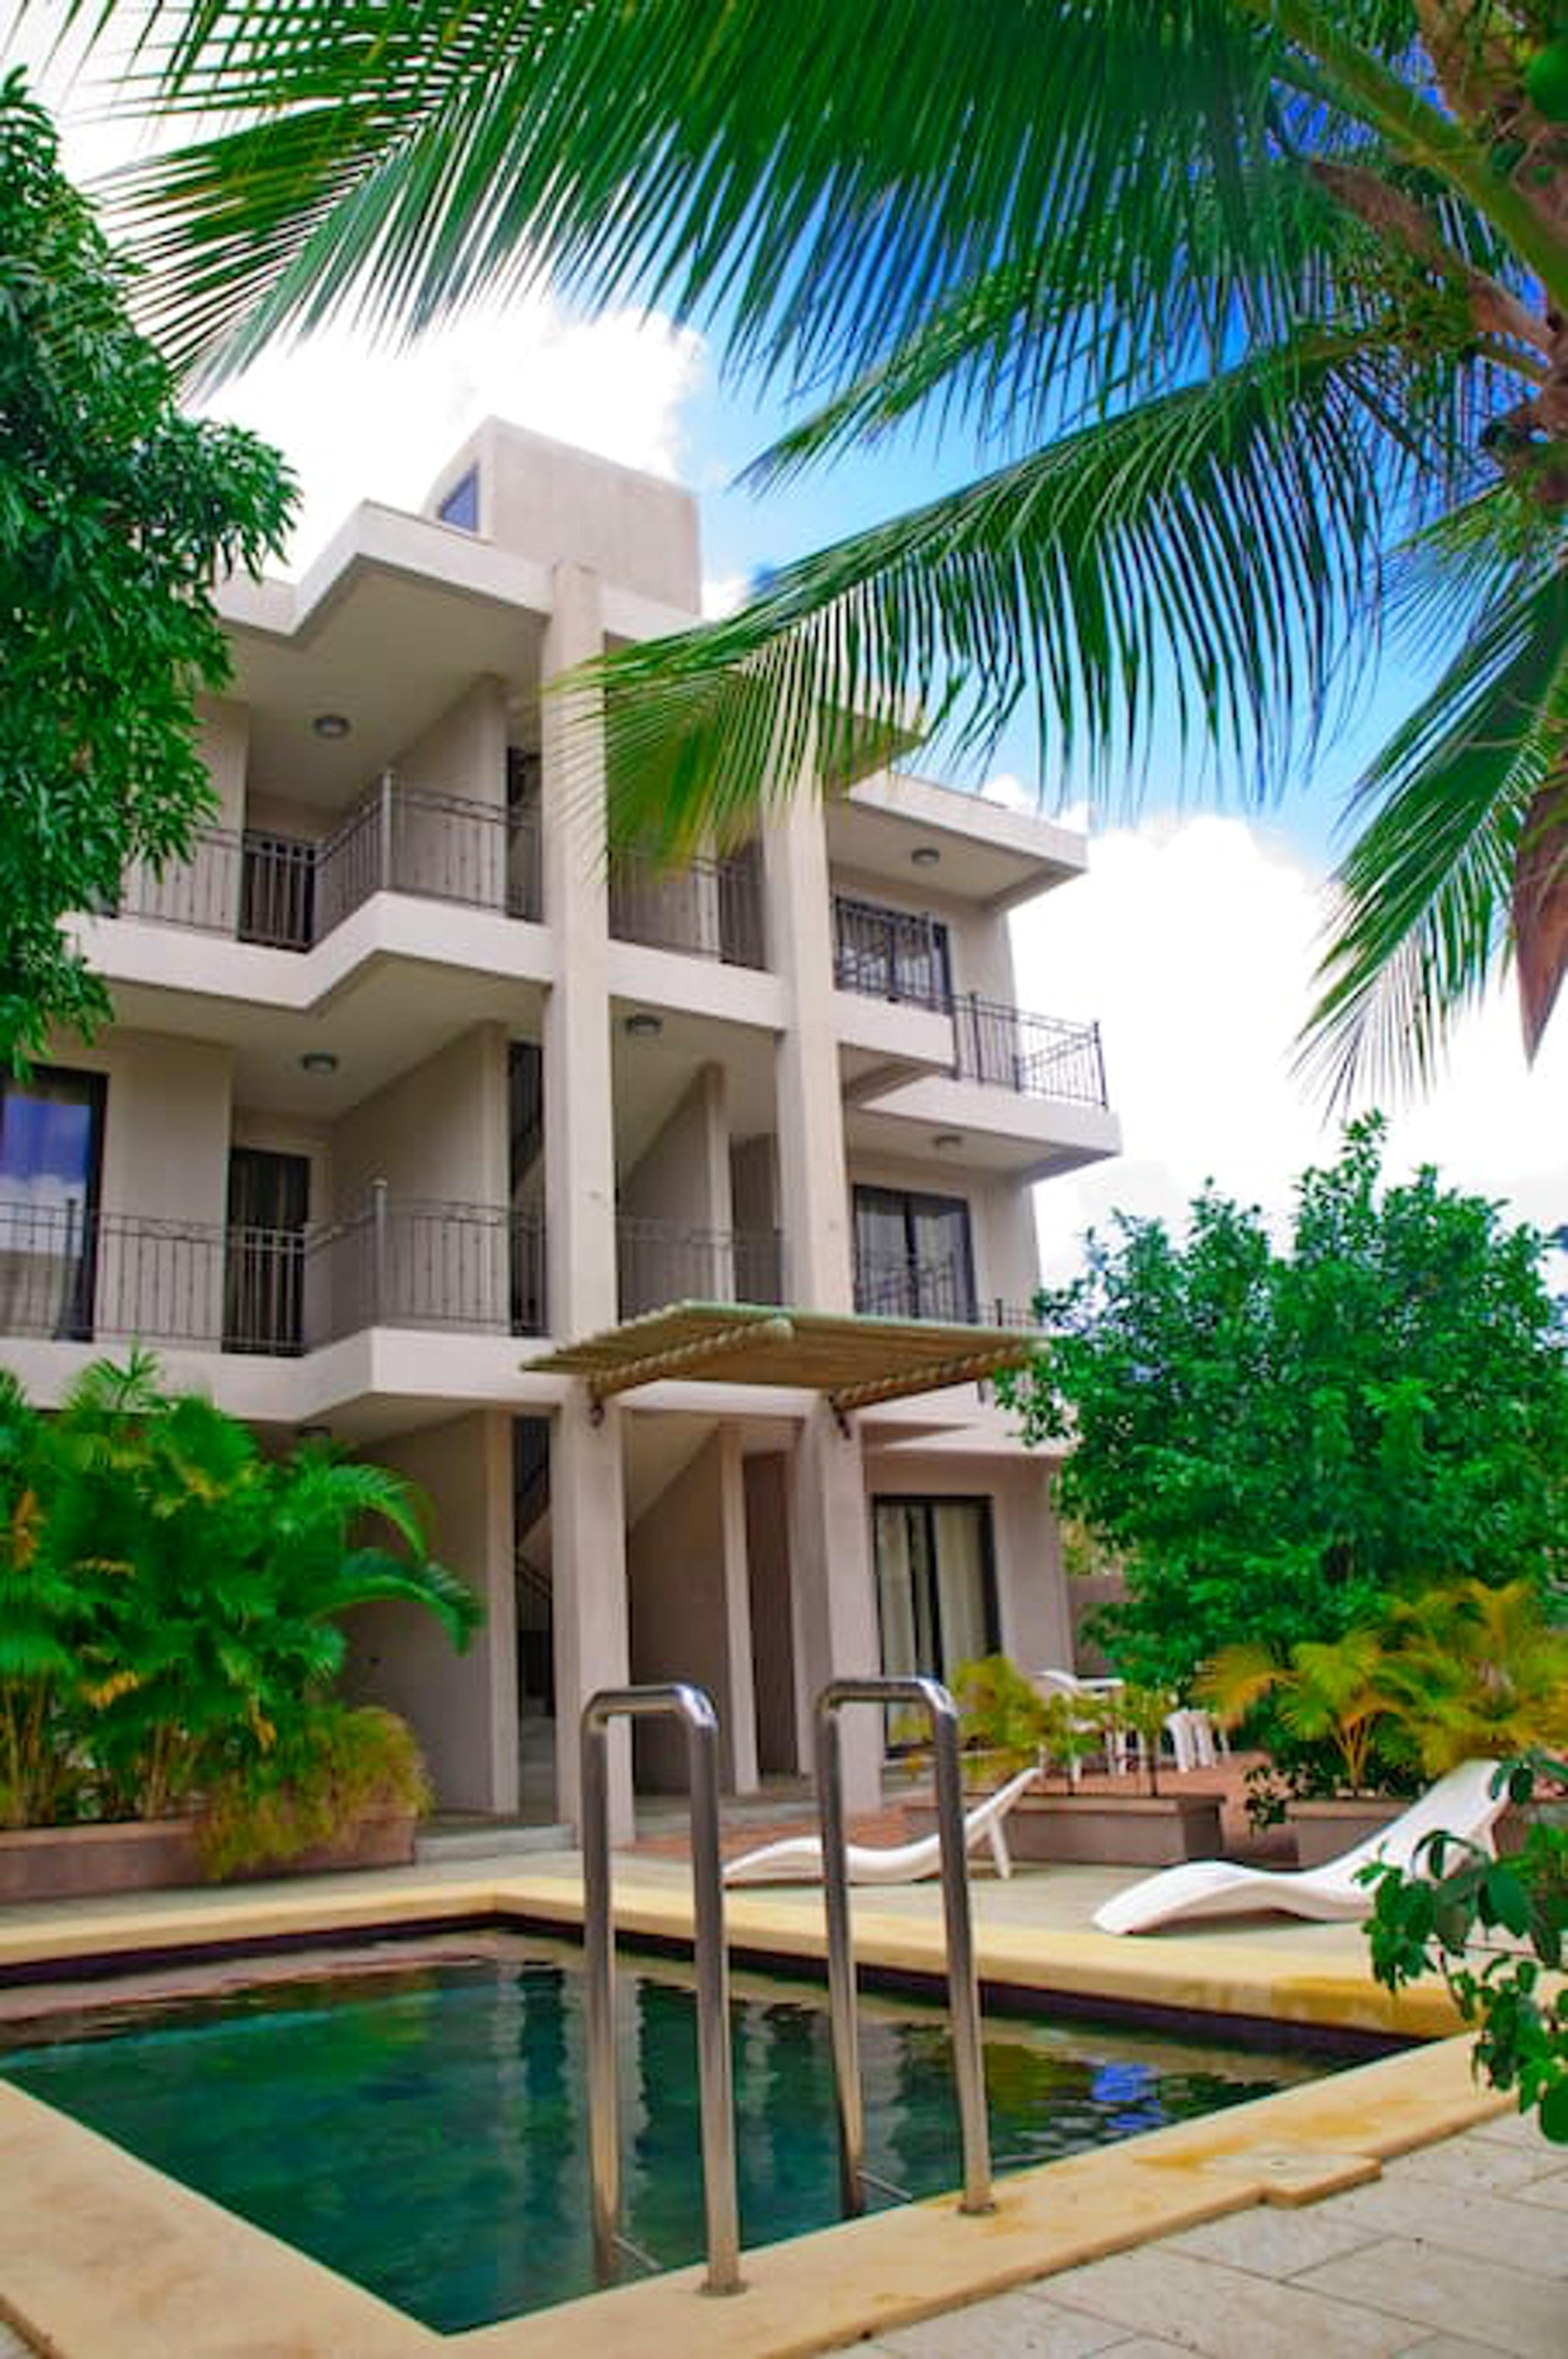 Wohnung mit 2 Schlafzimmern in Mon Choisy, Grand Baie mit Pool, Terrasse und W-LAN